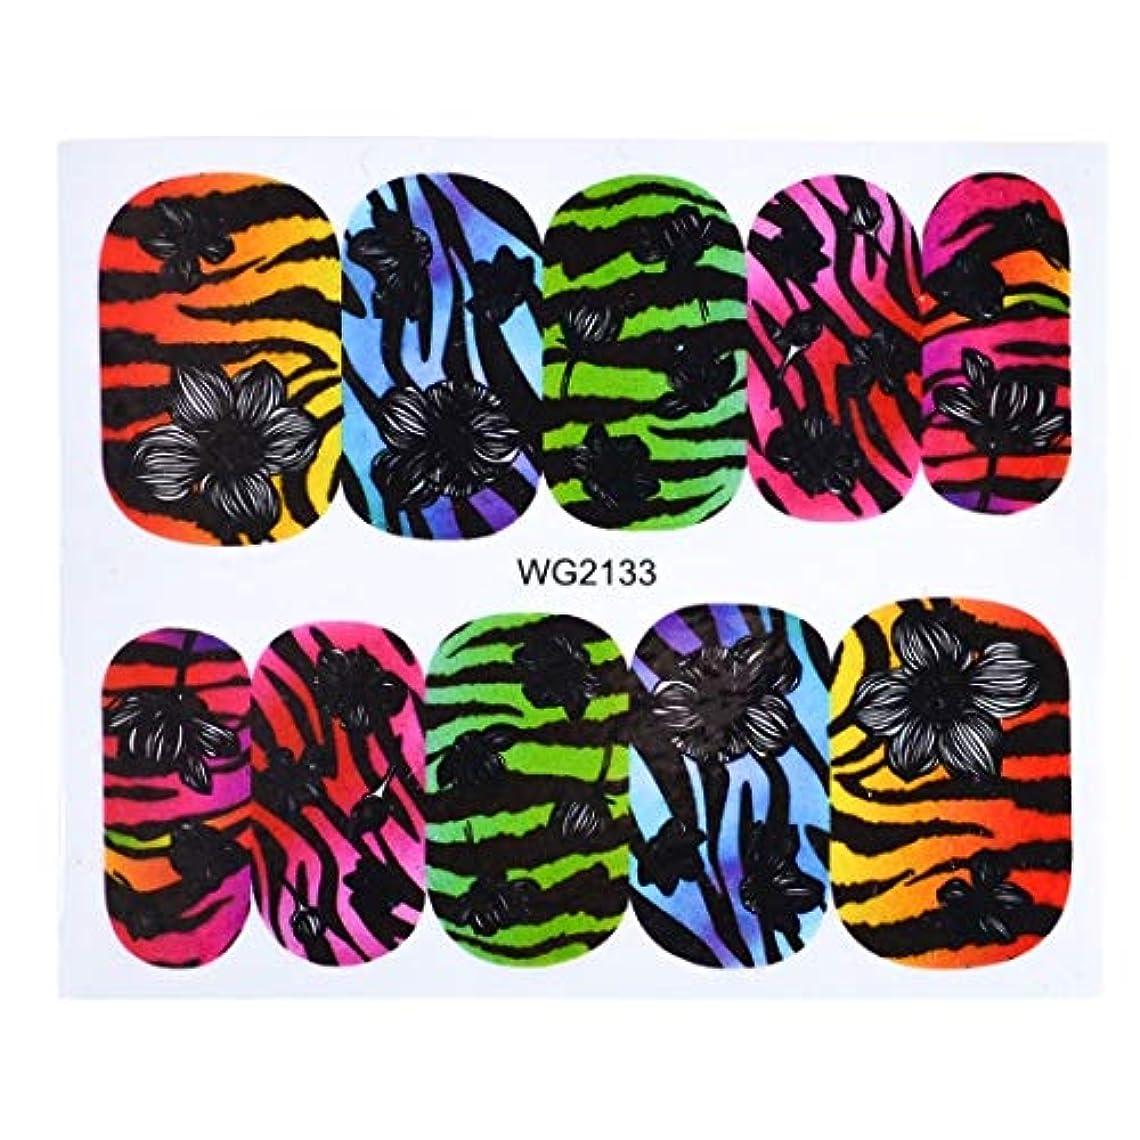 温室いじめっ子パドルCELINEZL CELINEZL 10個入りフラワーネイルアートデカール(WG2111) (色 : WG2133)